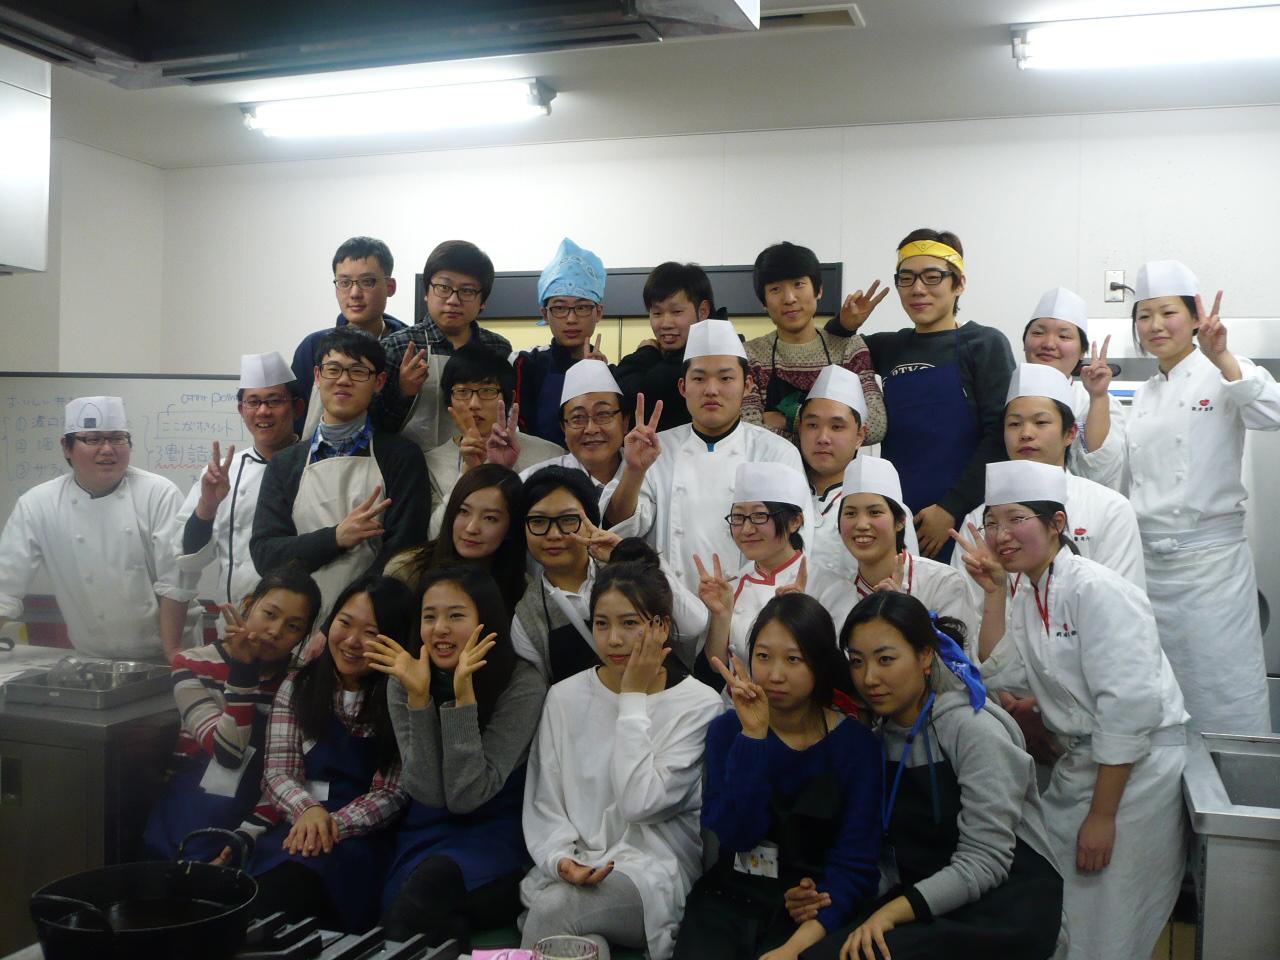 韓国留学生 日本料理体験実習